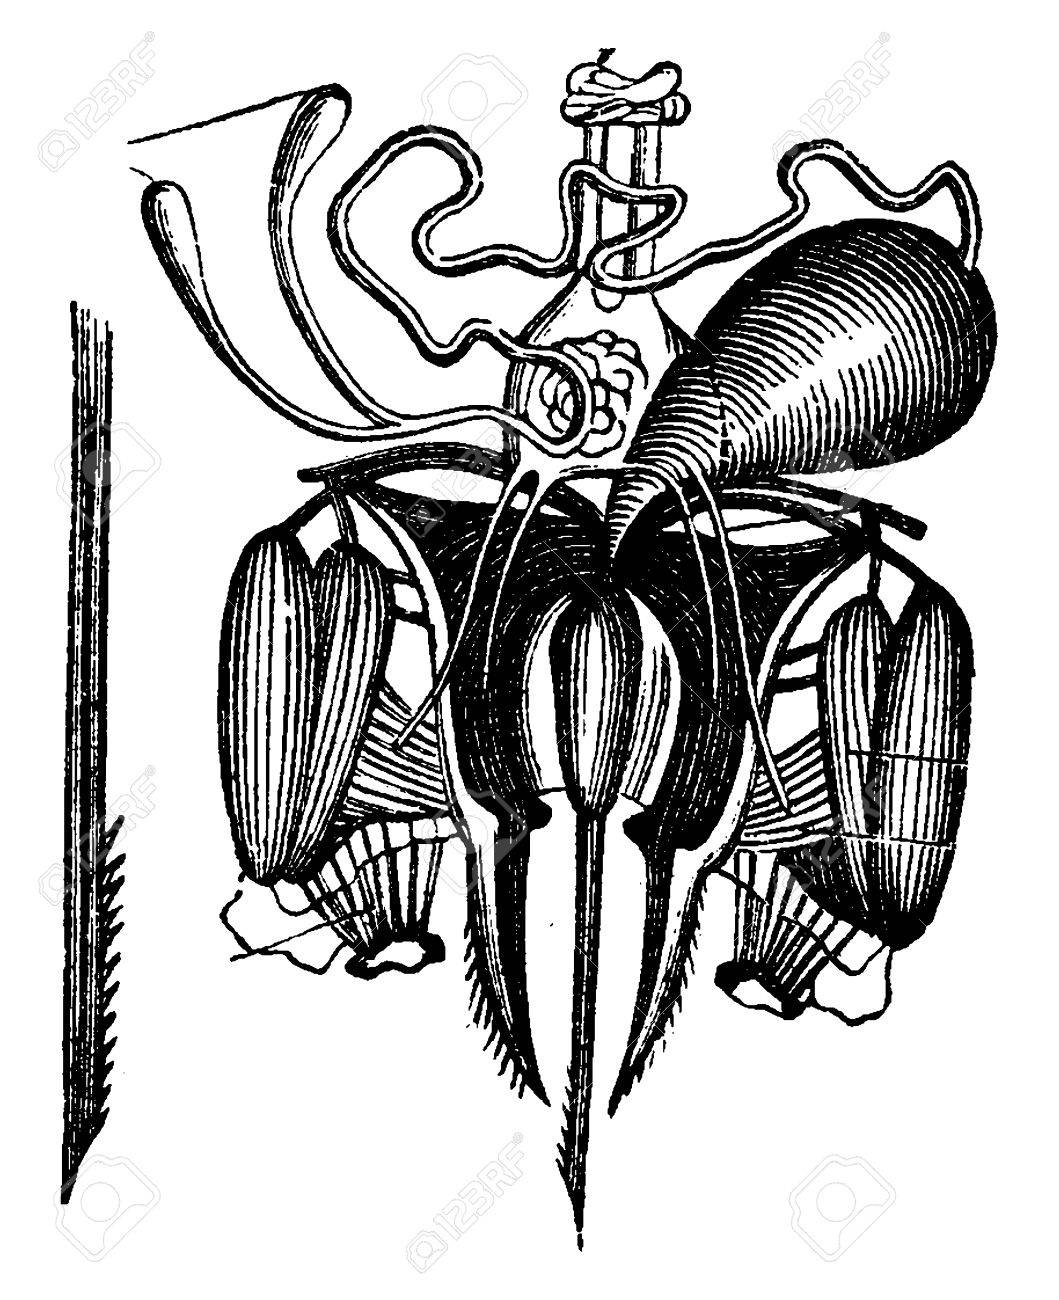 Sting Der Biene Mit Ihren Giftdrüsen Seziert, Jahrgang Gravierte ...